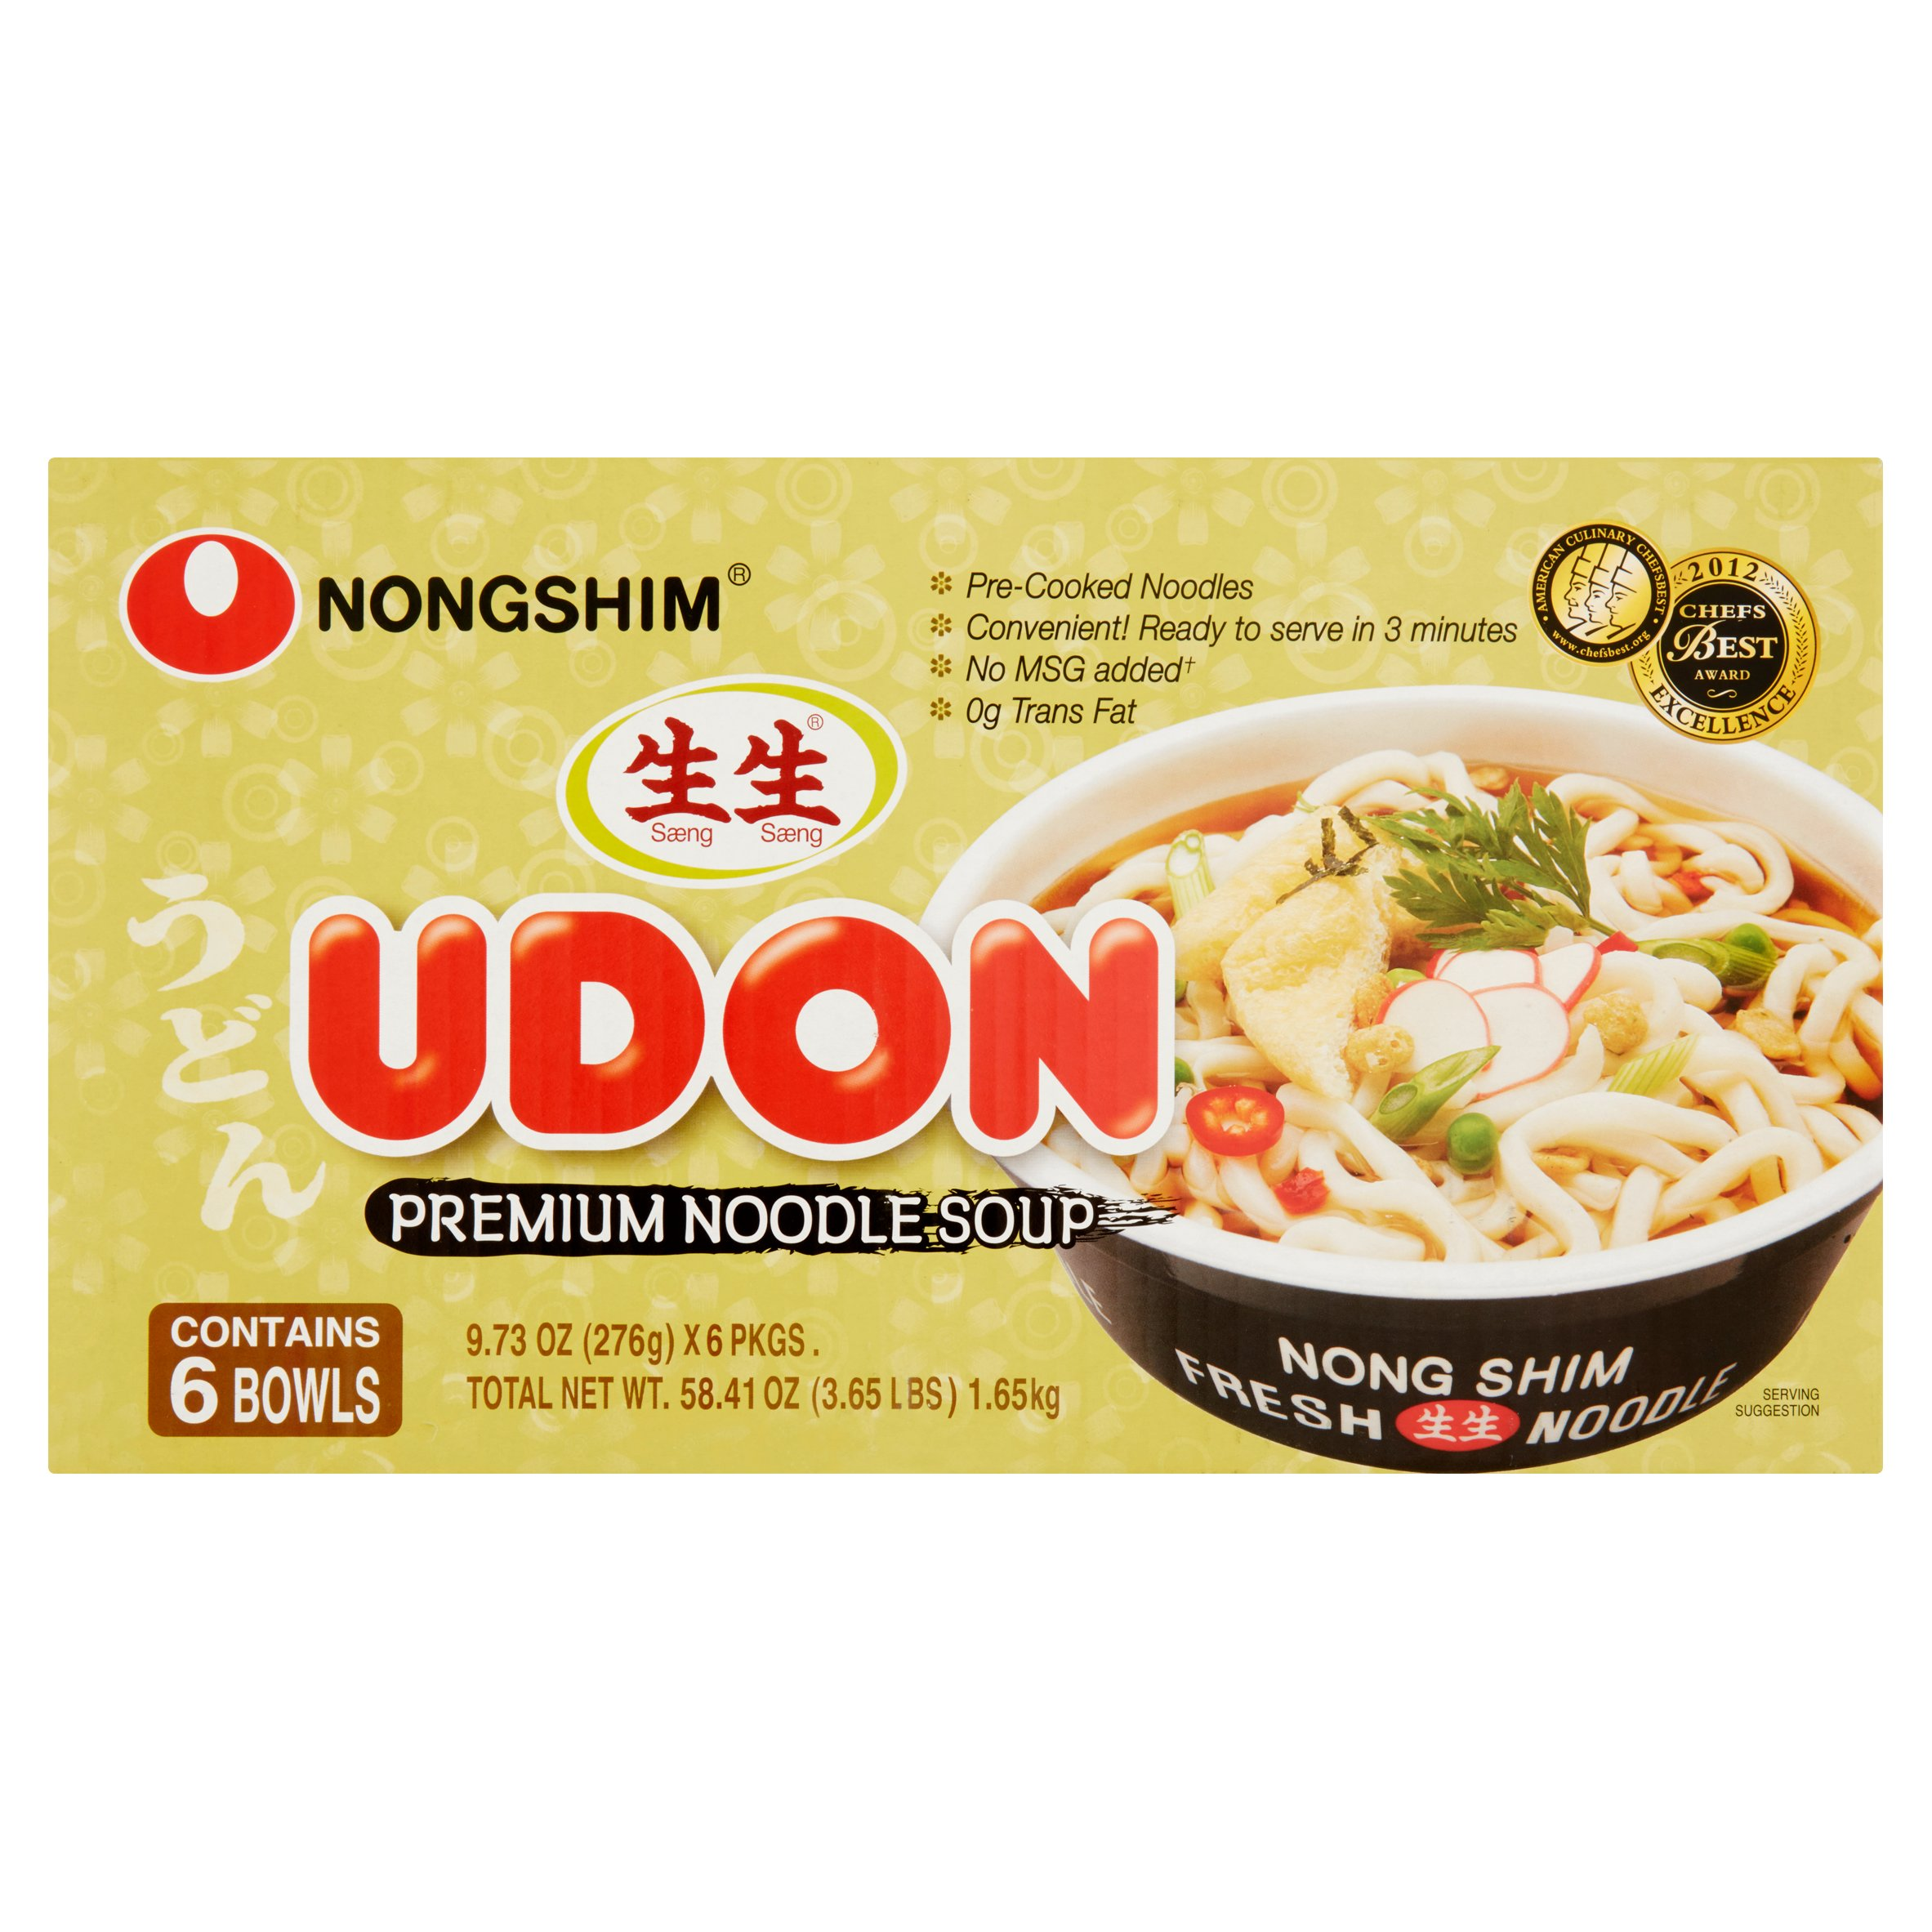 Nongshim Udon Original Premium Noodle Soup, 9.73 oz (Pack of 6)